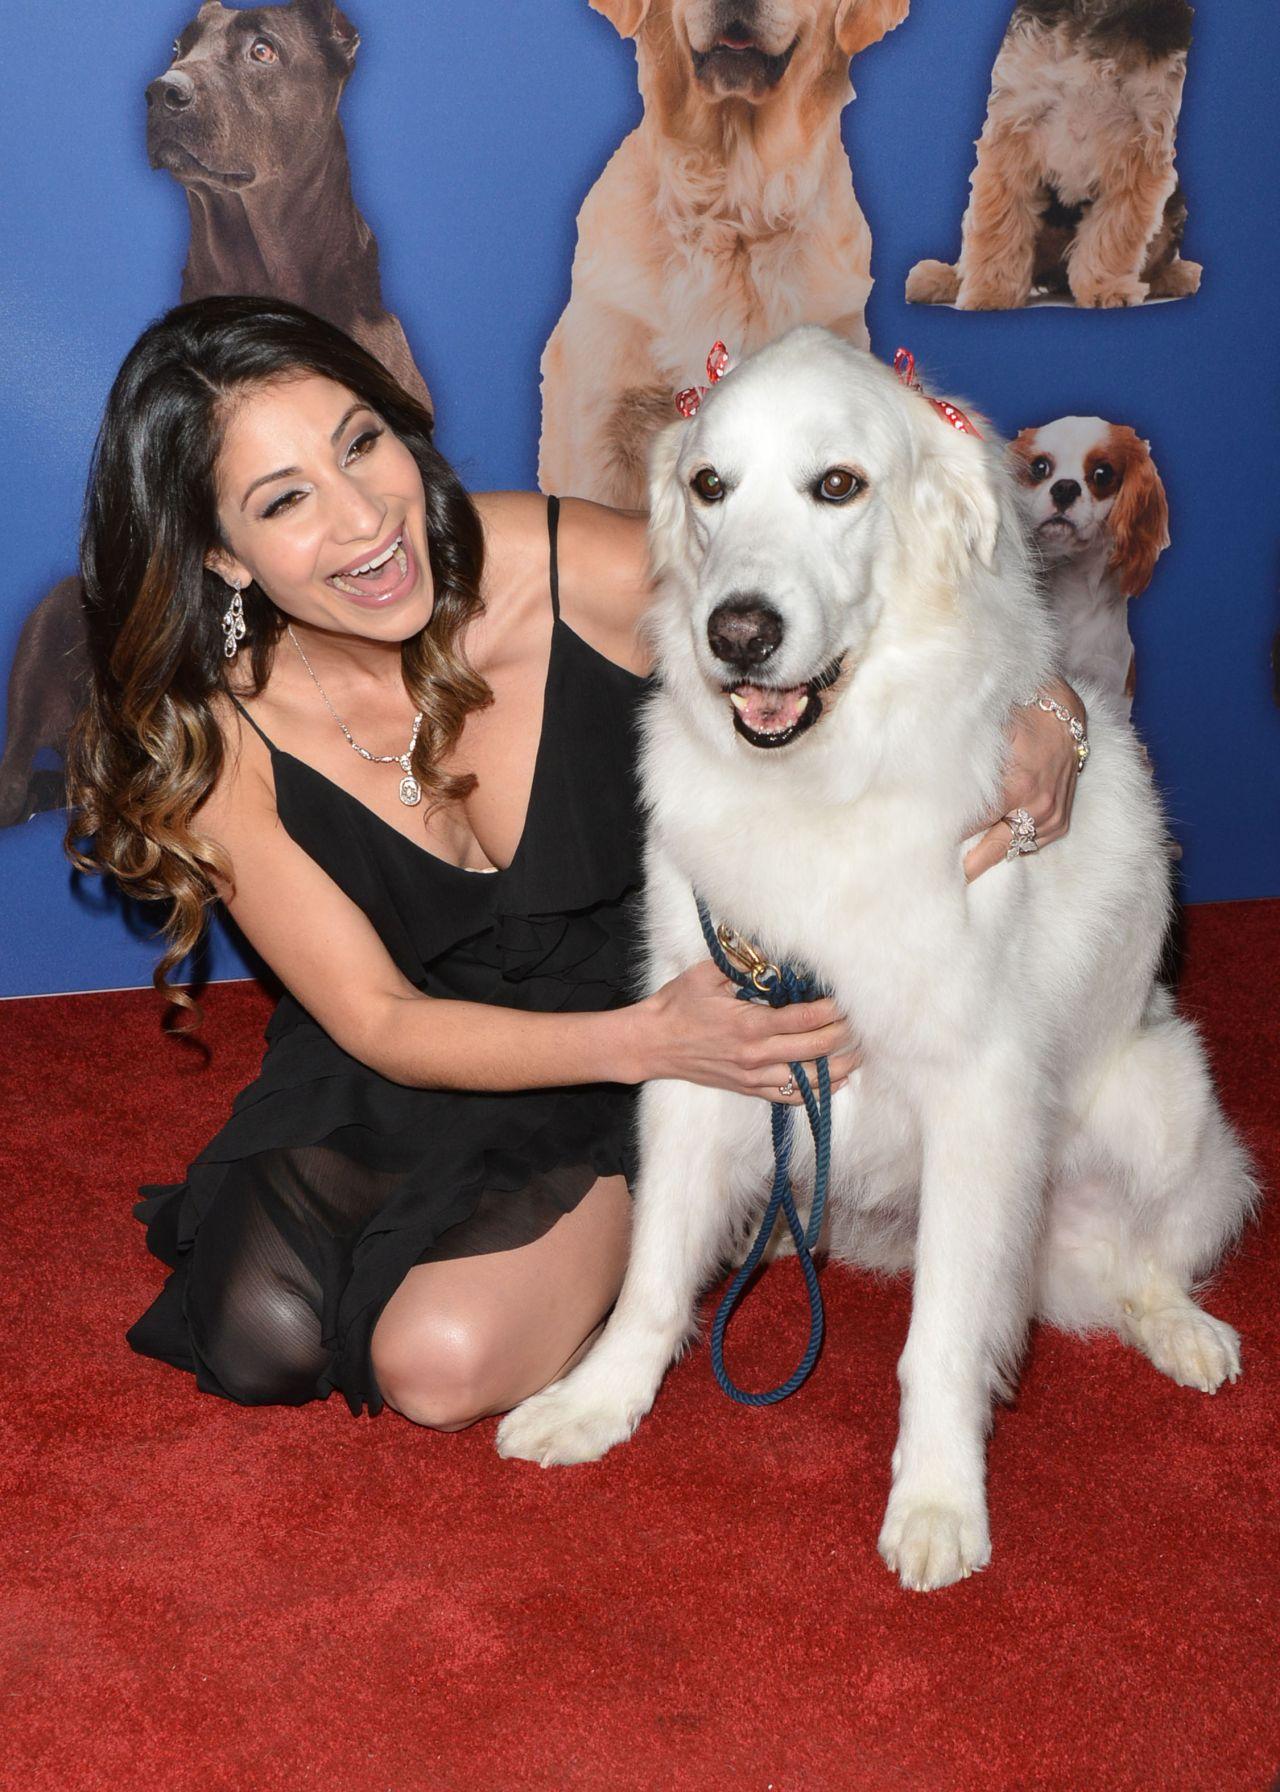 larissa wohl american rescue dog show in pomona